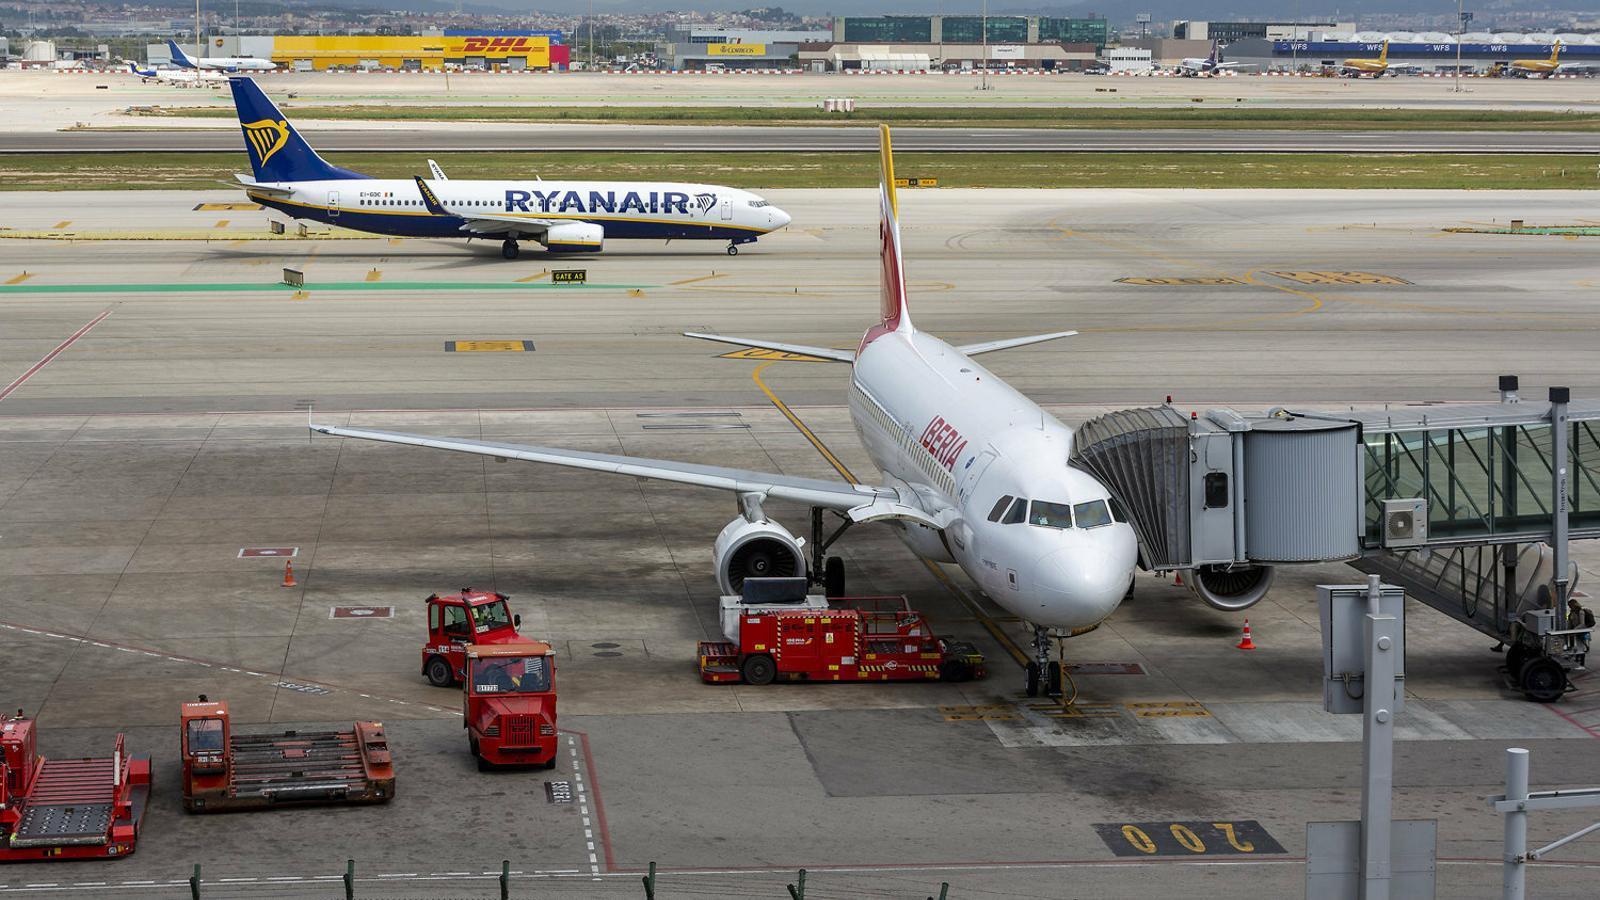 Més pressió a les aerolínies pels reemborsaments i l'exigència de la distància de seguretat